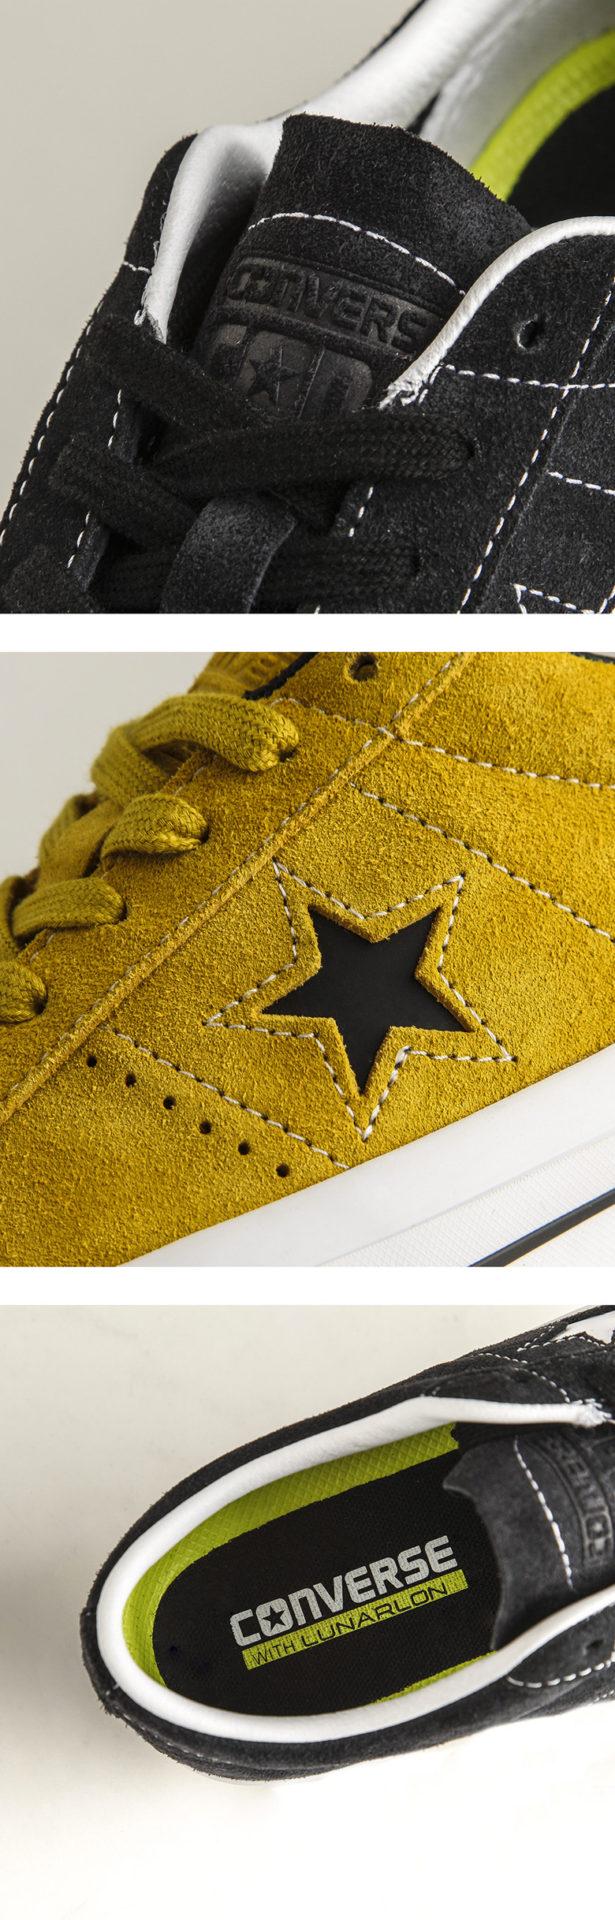 Le retour de la Converse One Star - Sneakers   Street Culture depuis ... a96b57098